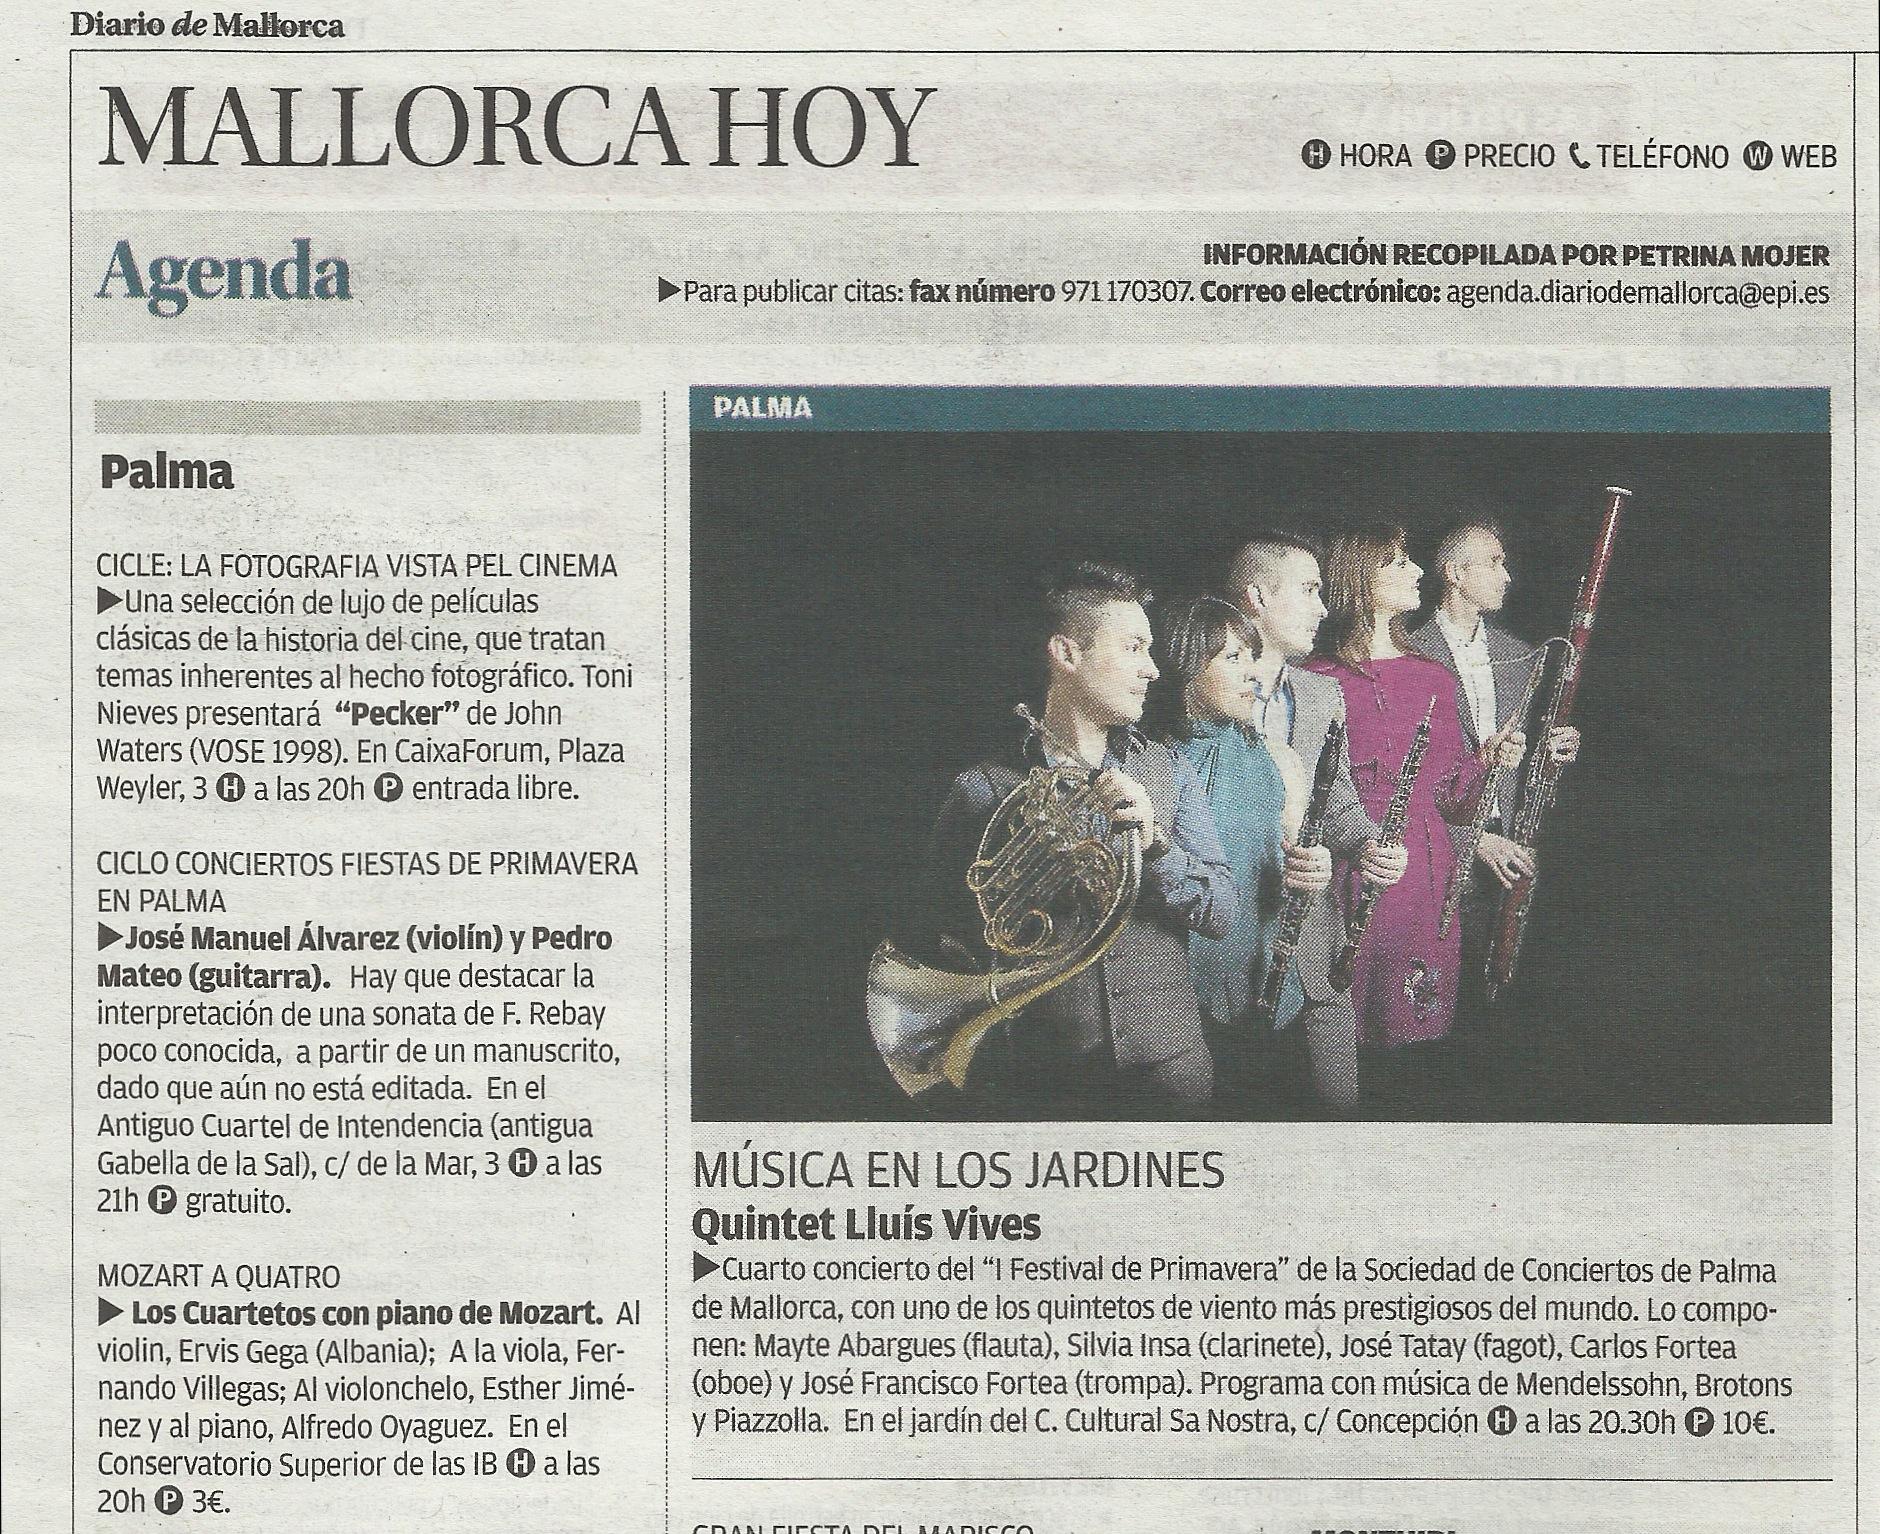 DiarioMallorca 18.06.14